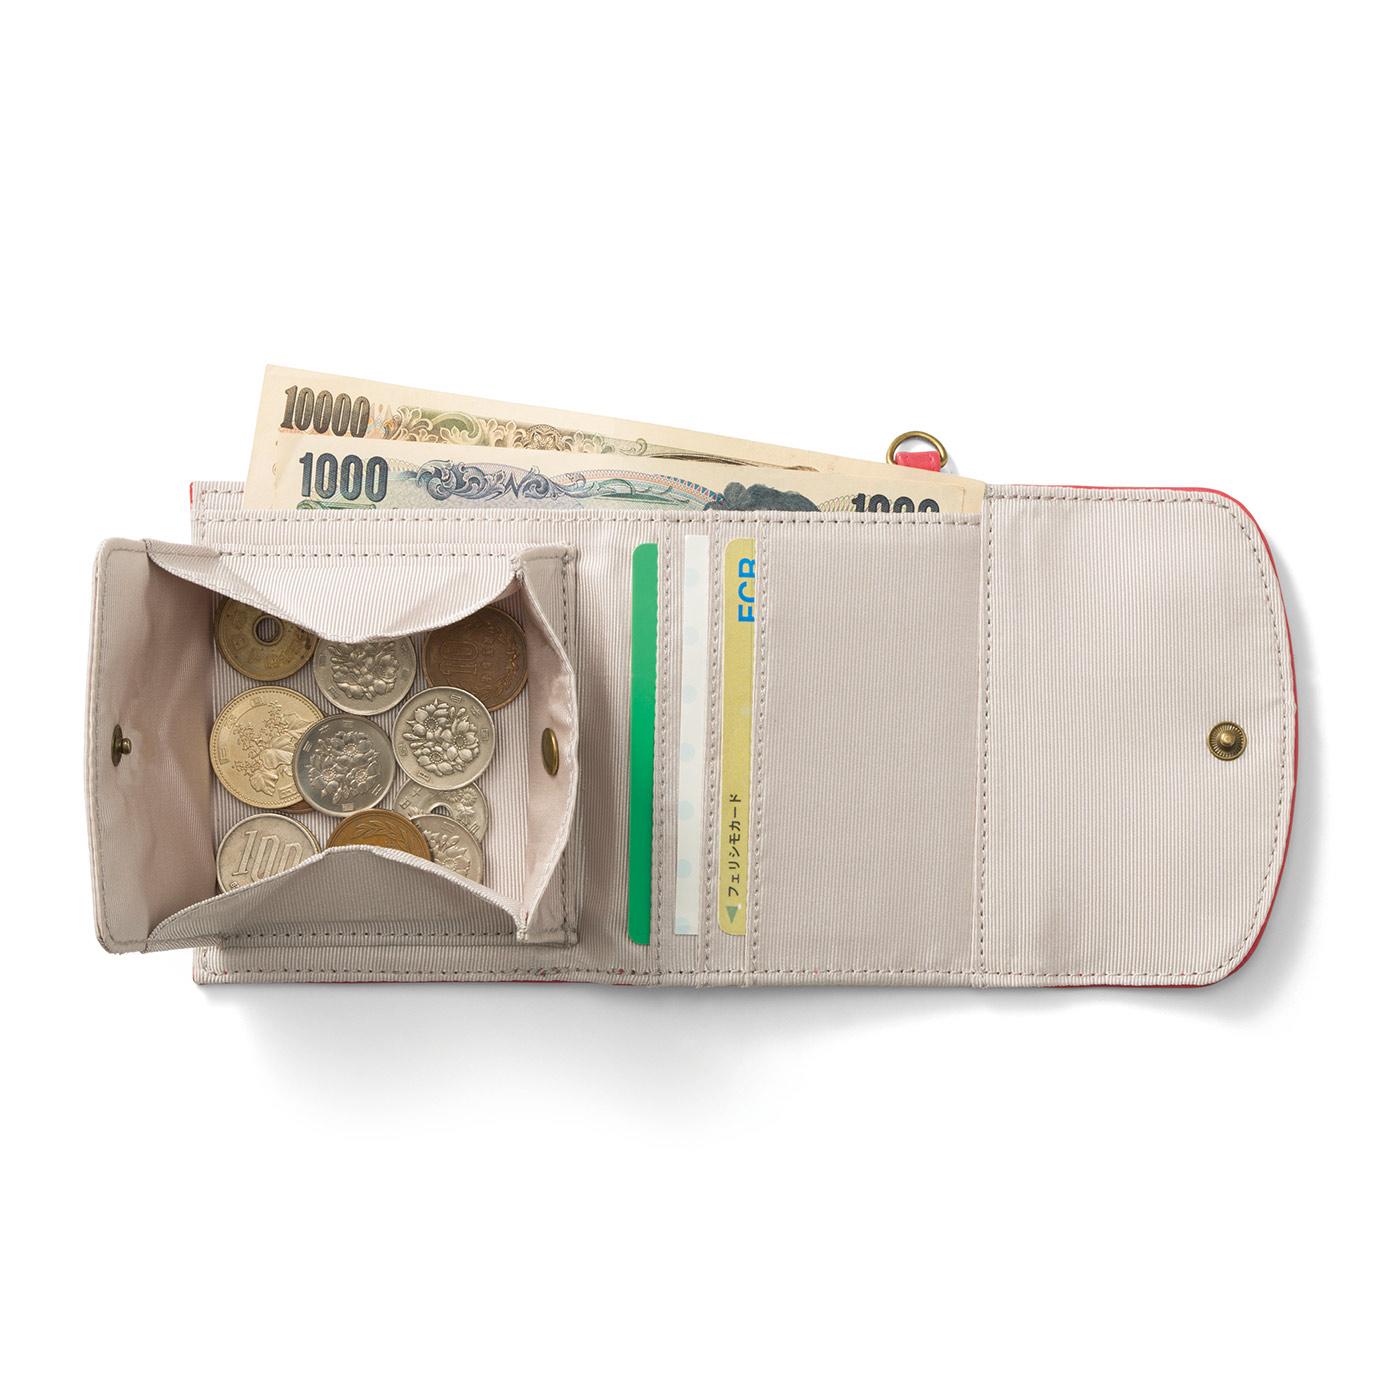 小銭が取り出しやすいボックスタイプ。カードが3枚入るポケット付き。